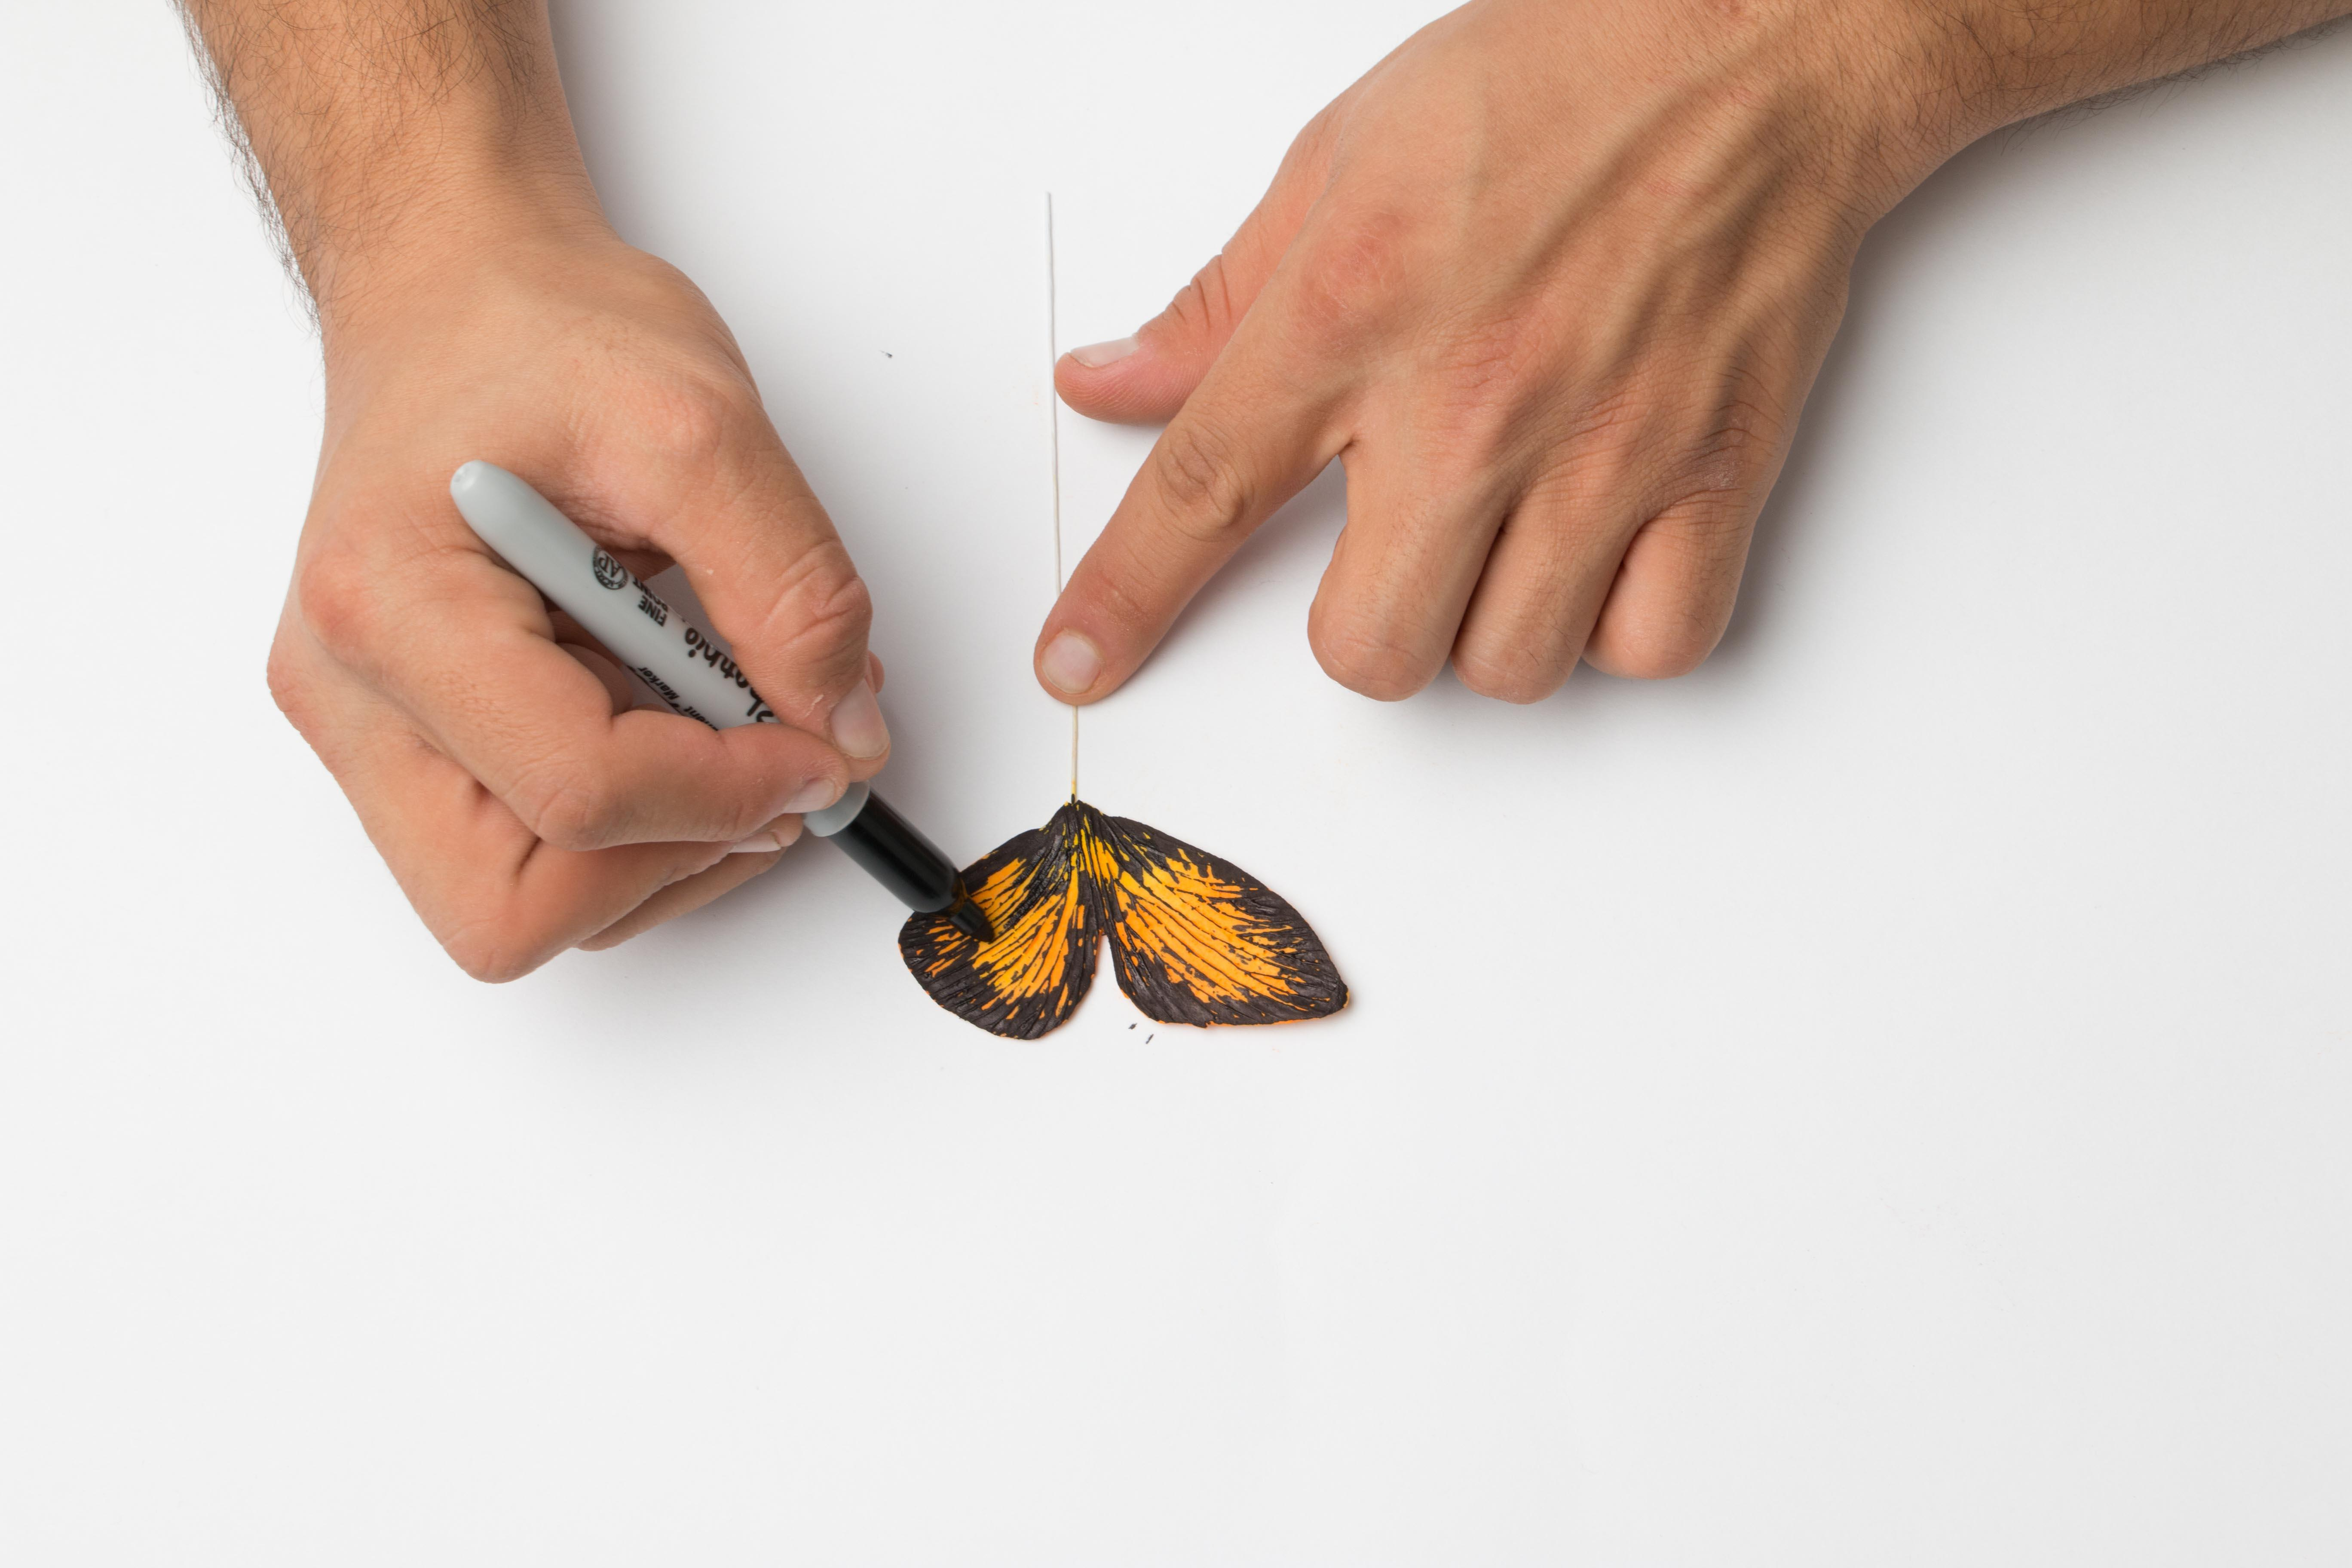 Butterfly_Tutorial_Step-17.JPG?mtime=20200708122748#asset:334720